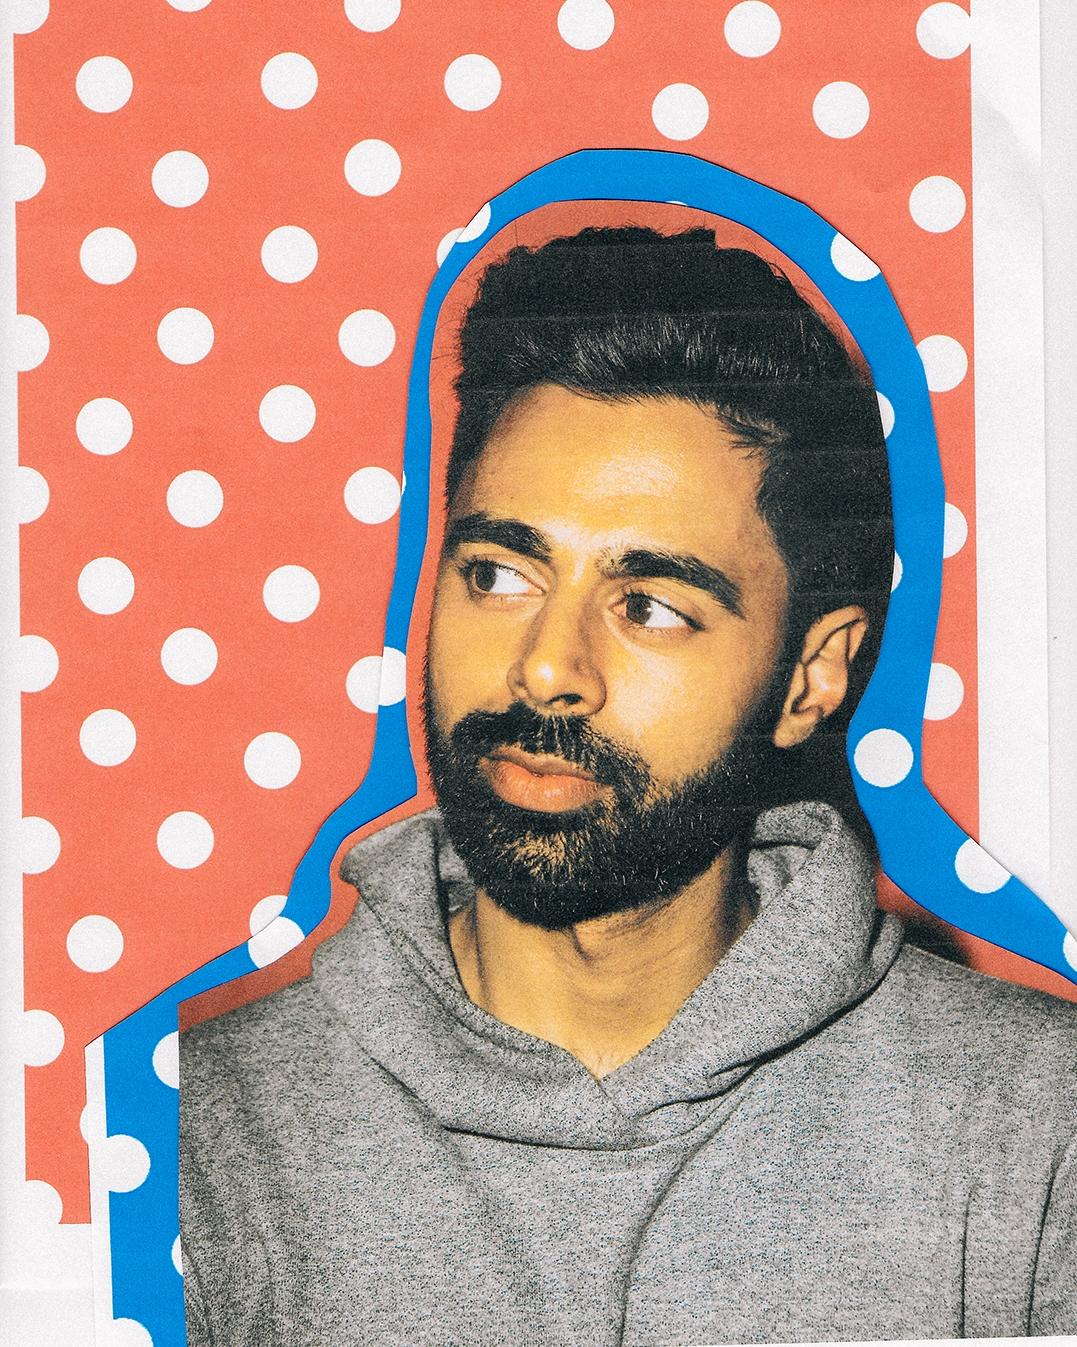 Hasan Minhaj x Rhapsody Magazine